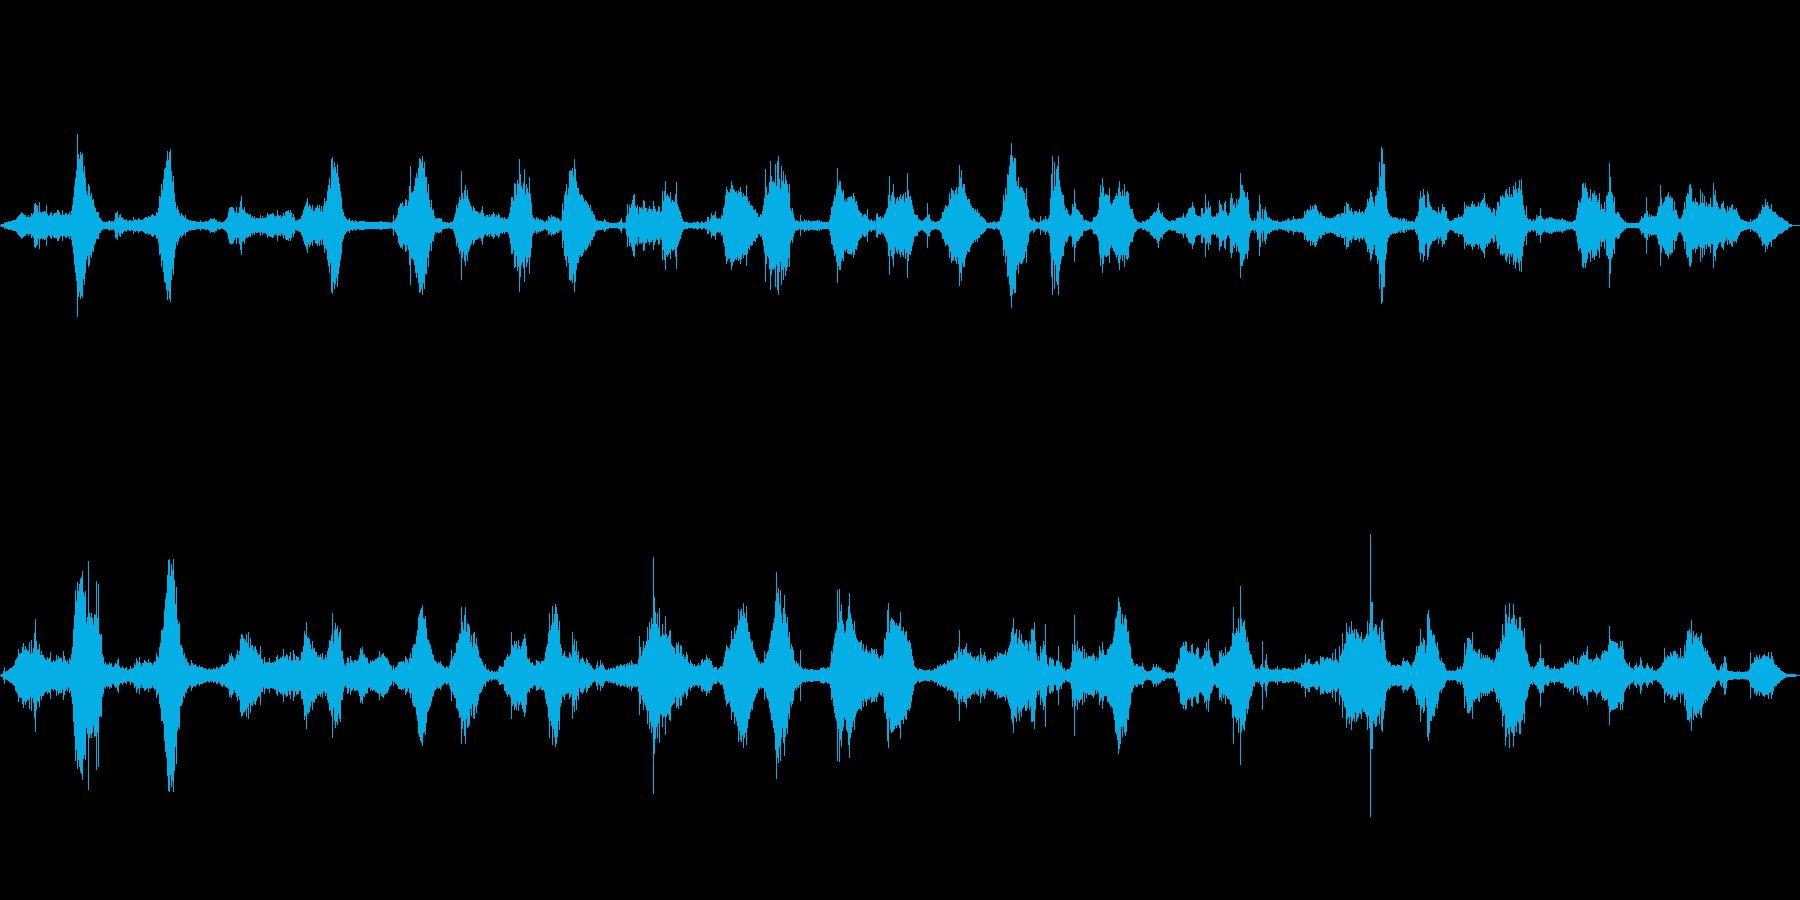 沖縄で近距離で収録した波の音です。の再生済みの波形